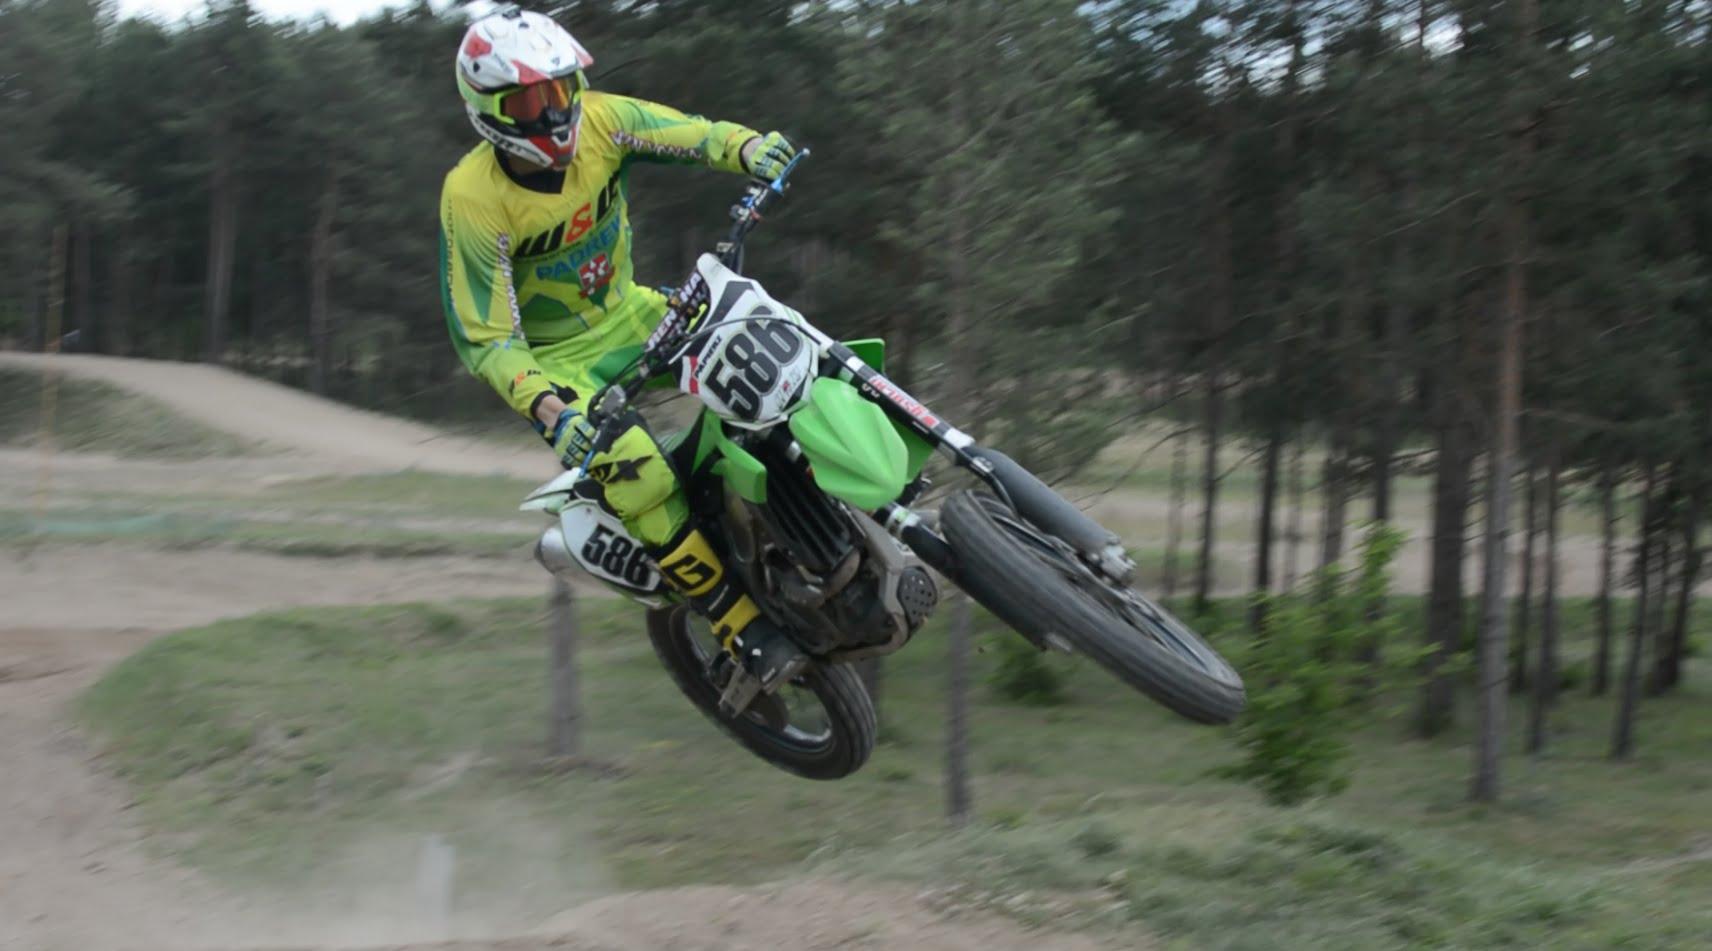 W&W Motocross Team - Łukasz Papierz, Mateusz Drobny - MXmagazine.pl